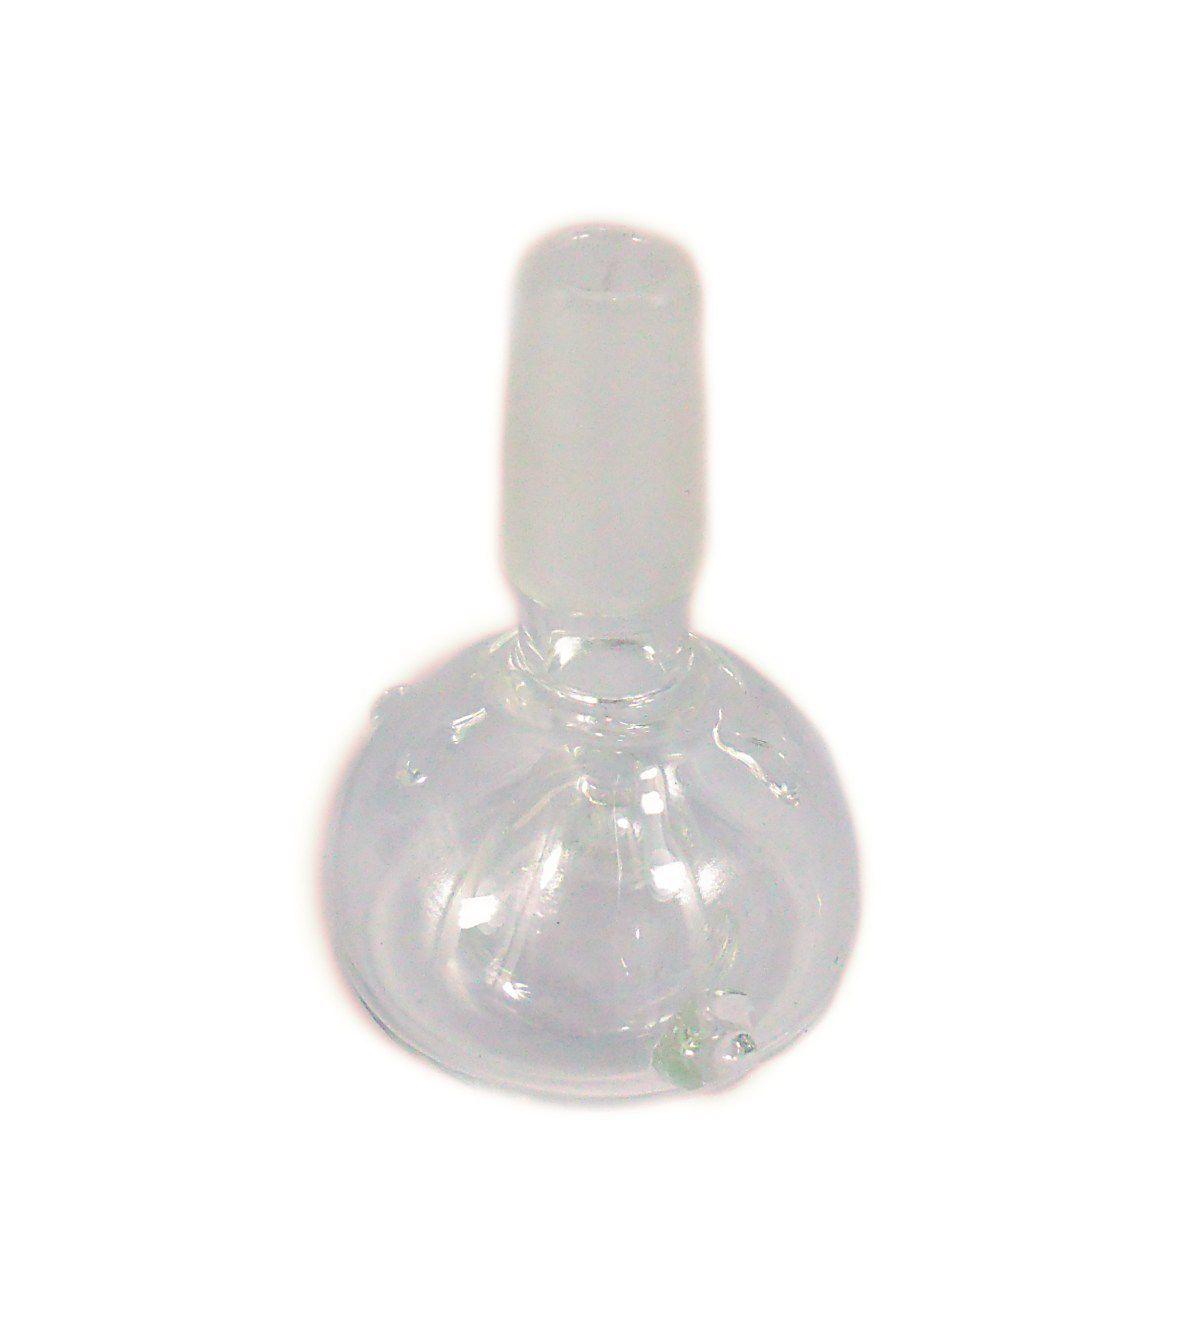 Bowl de vidro em bolha, para bong com percolador